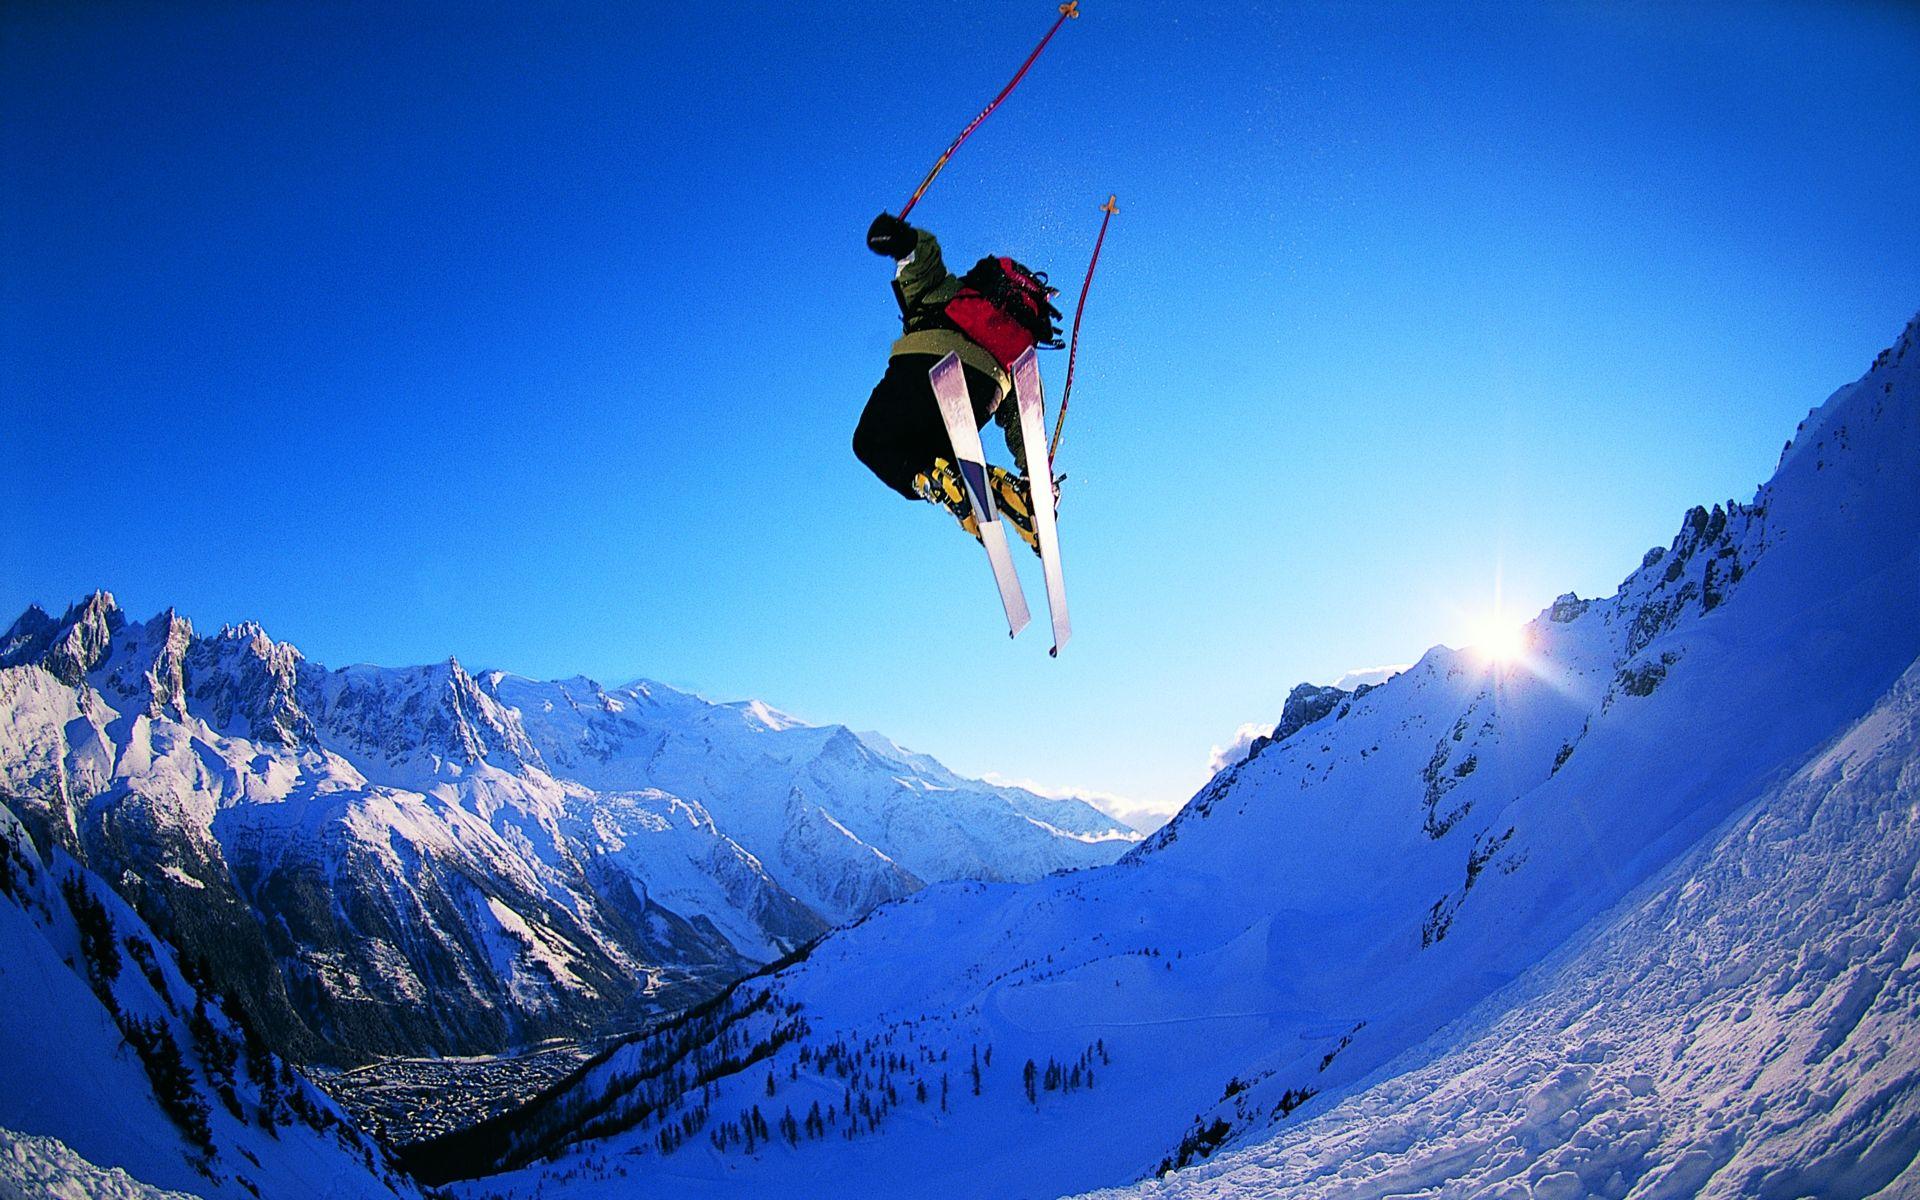 небольшой картинка на небе солнце люди на лыжах неприхотлив